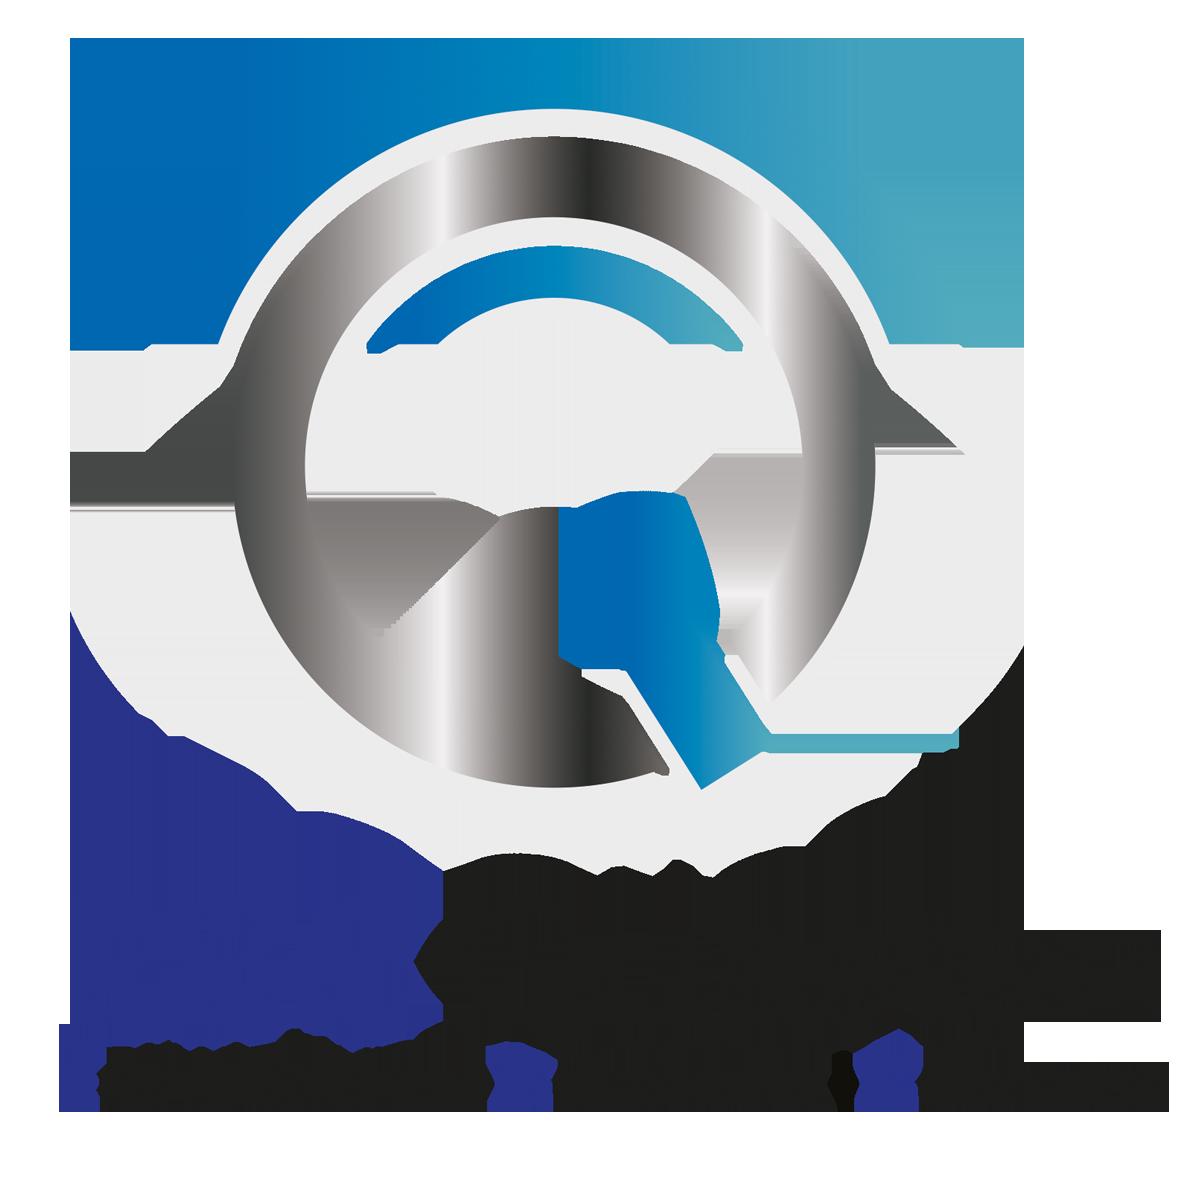 EBC Quasten